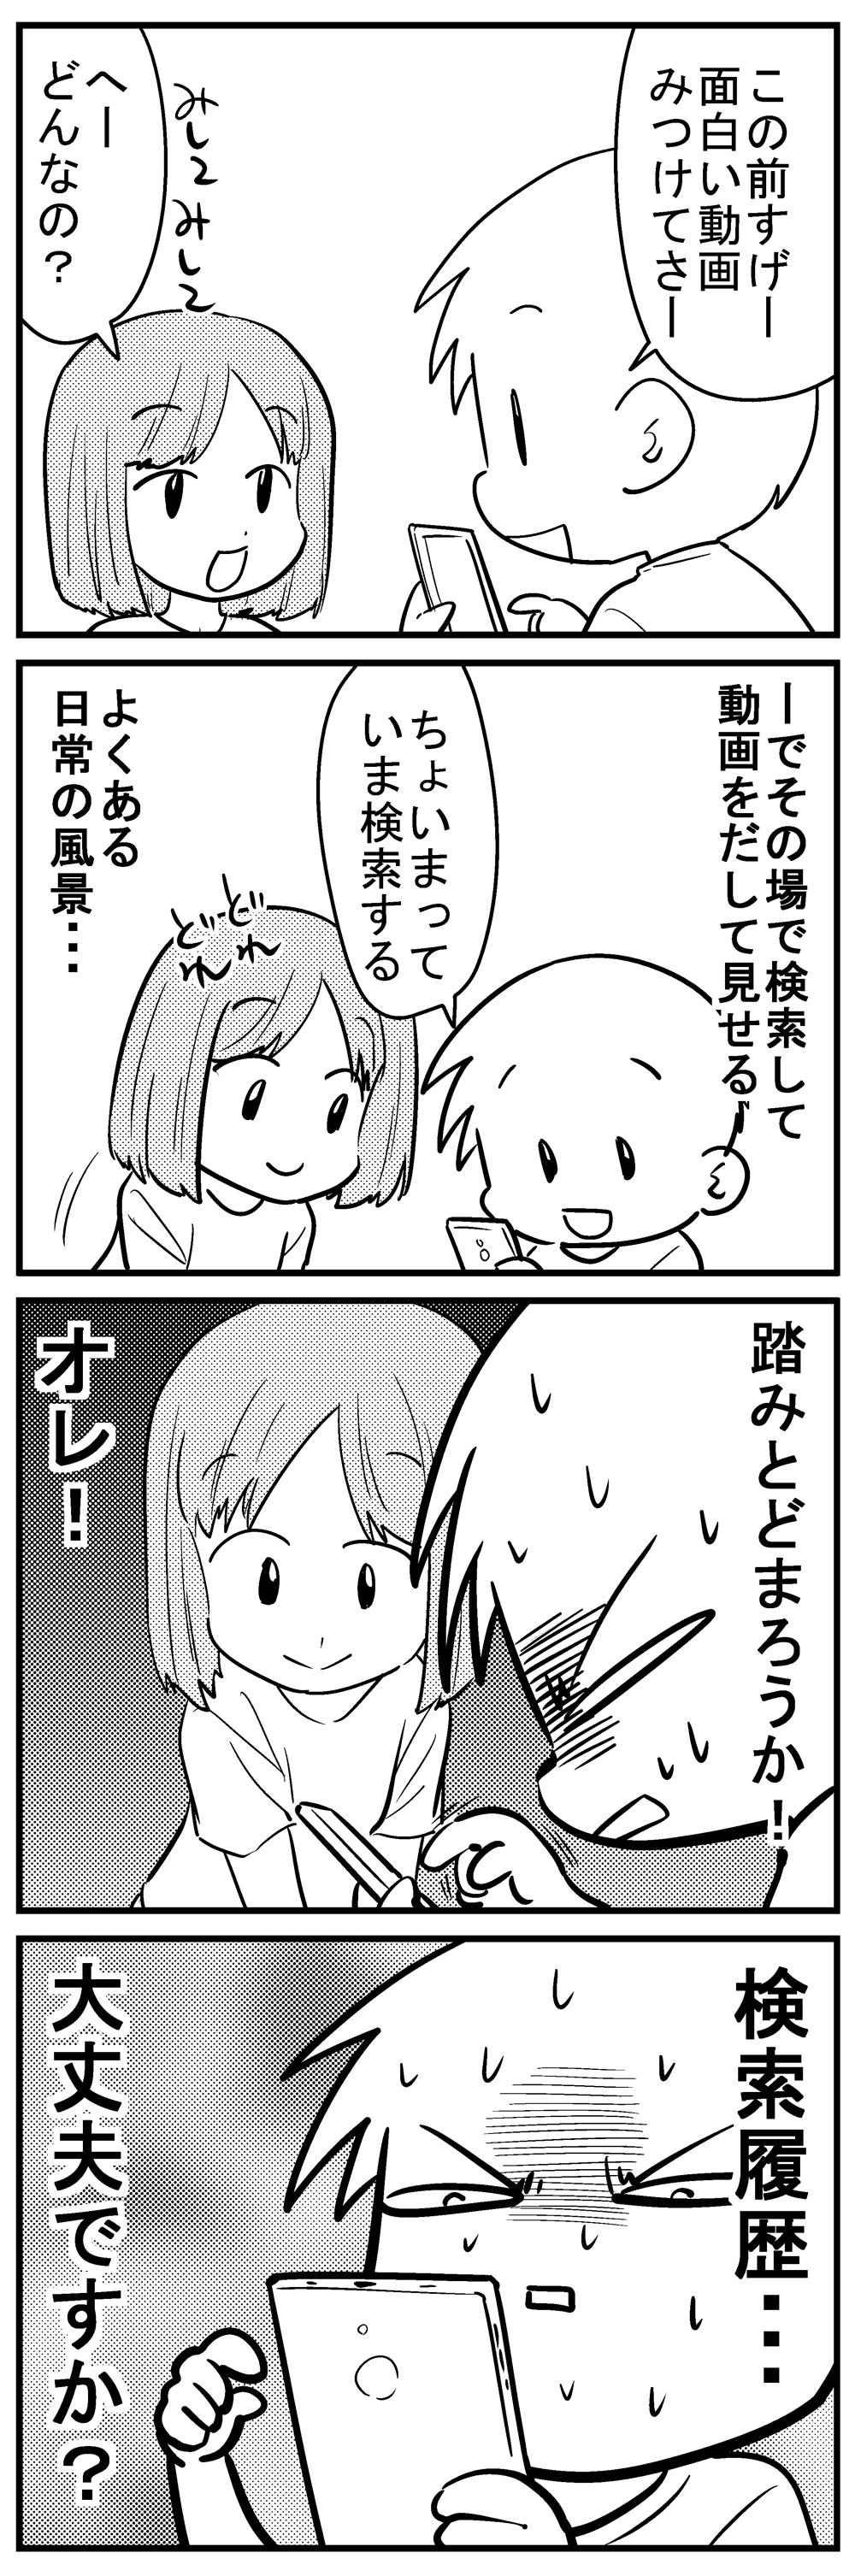 深読みくん59 1